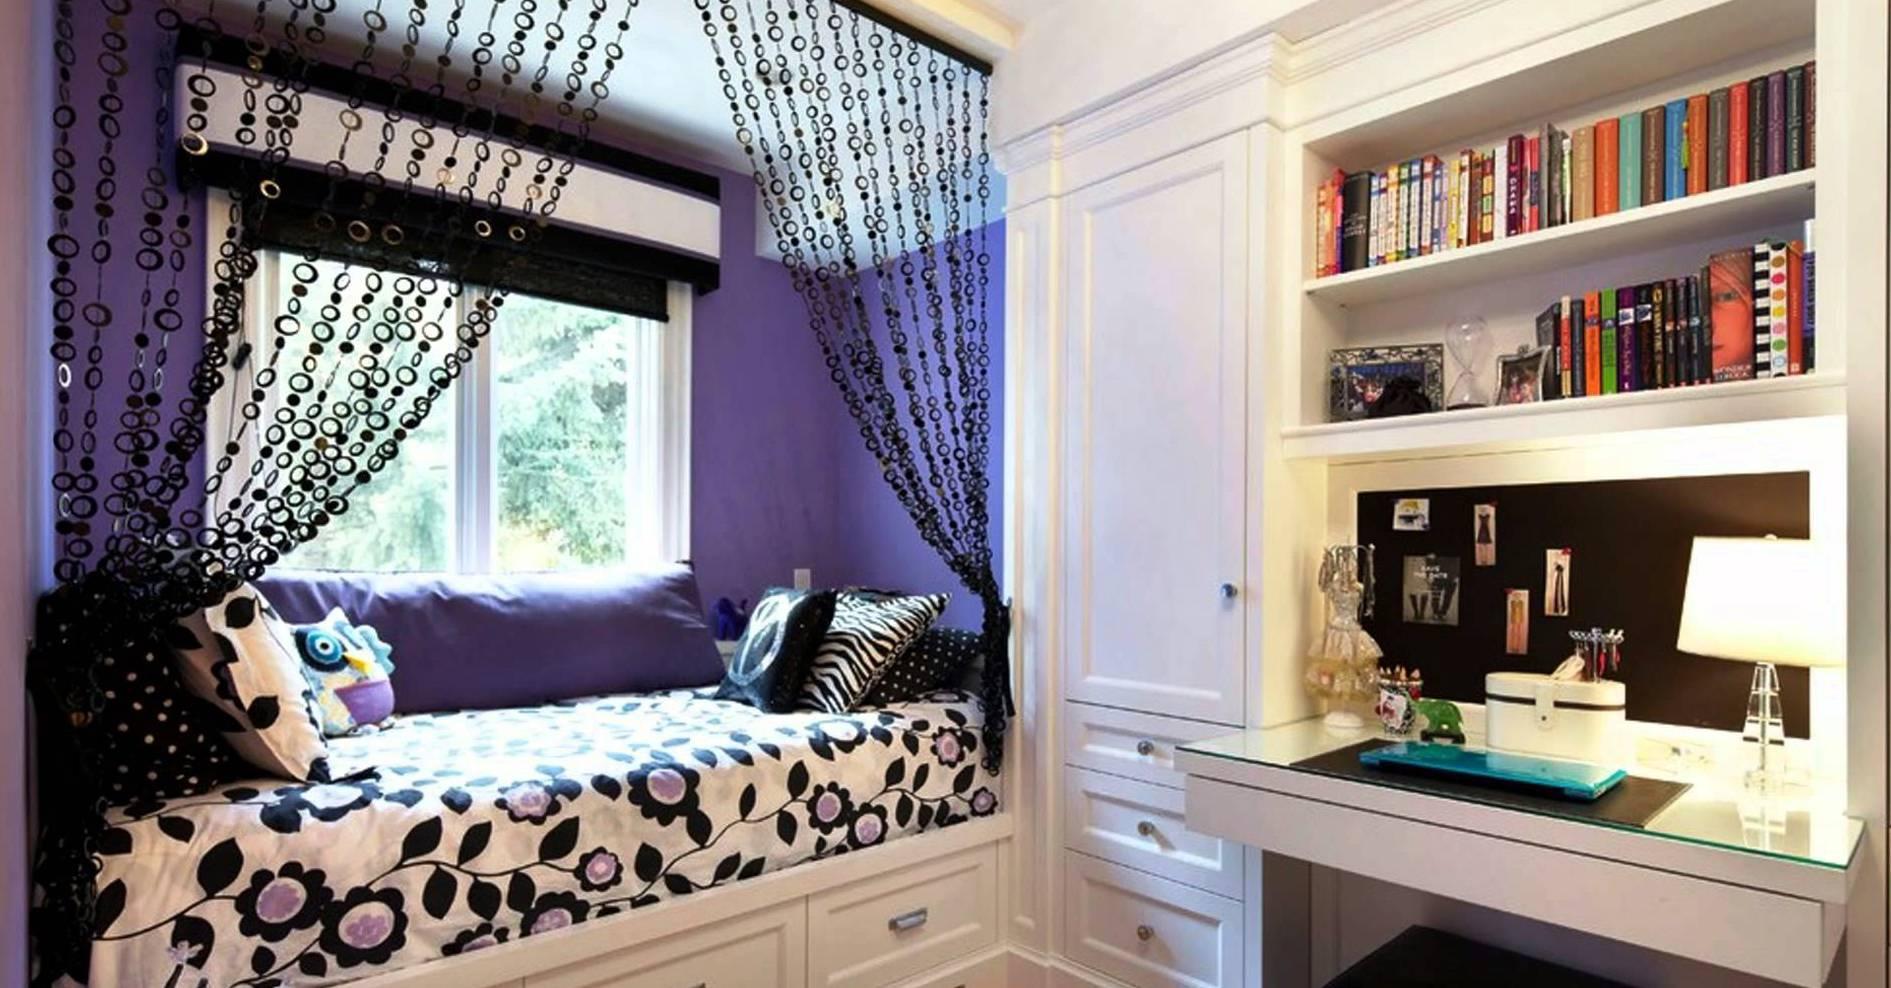 Coole Deko Idee Und Farbgestaltung In Lila Schwarz Frs Mdchen Schlafzimmer